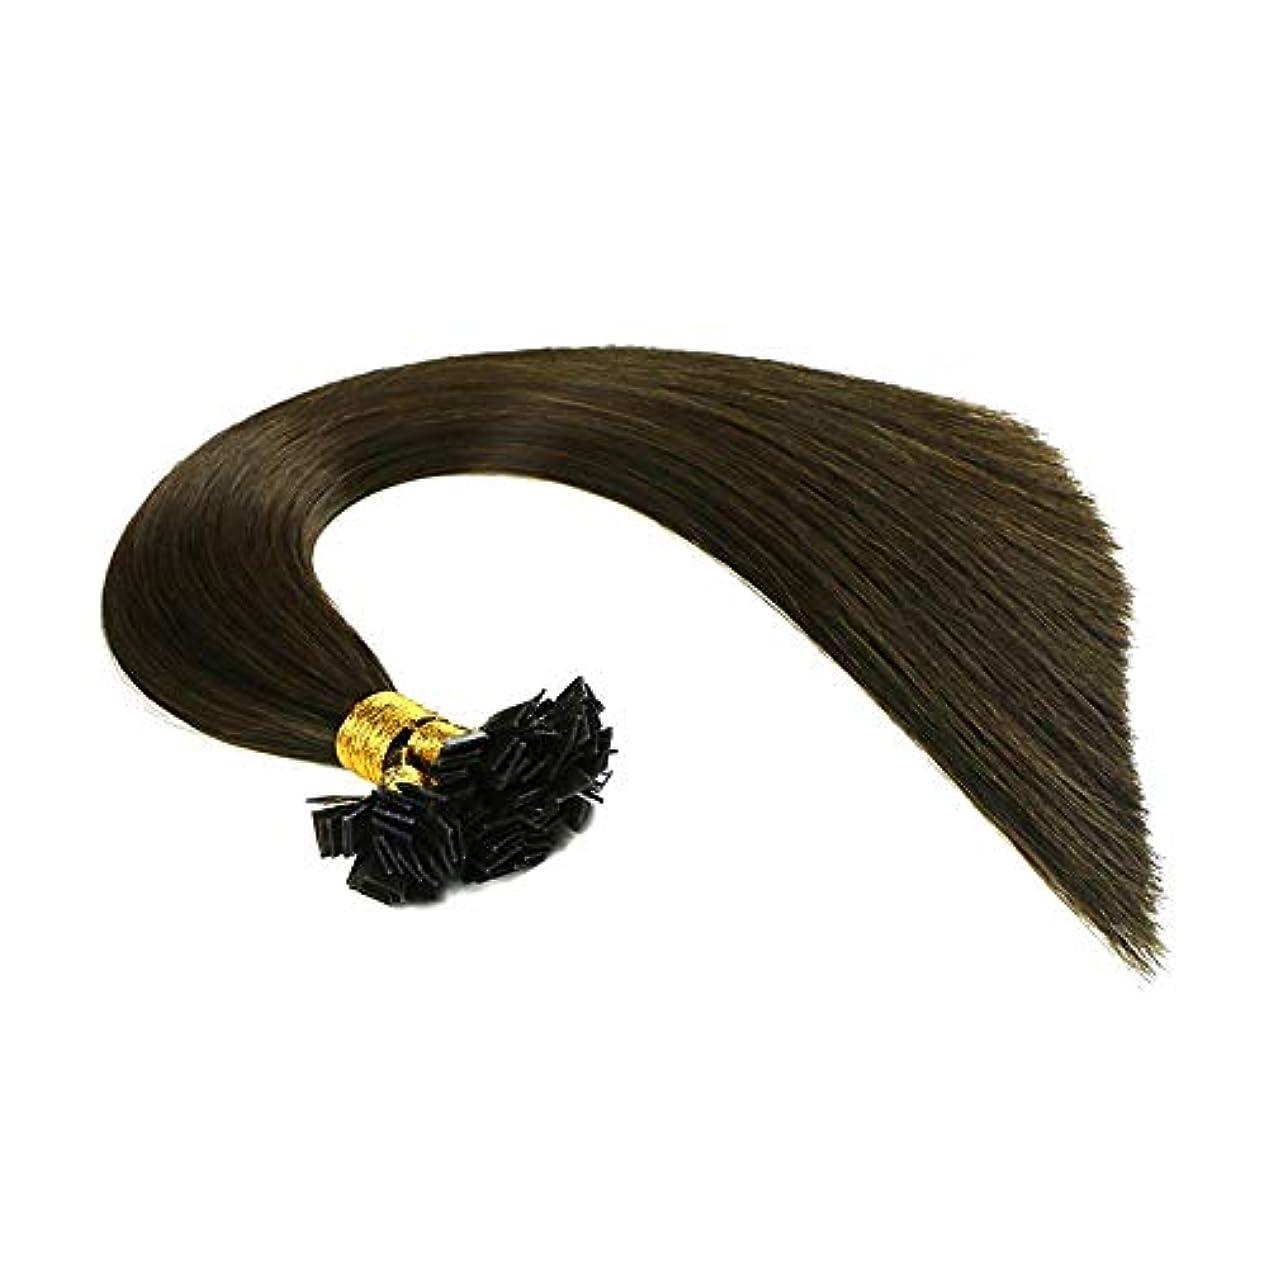 テンポのホストワゴンWASAIO ナノリングヘアエクステンションブラジルヒトクリップUnseamed髪型交換用の変更のスタイル (色 : Photo color, サイズ : 26 inch)